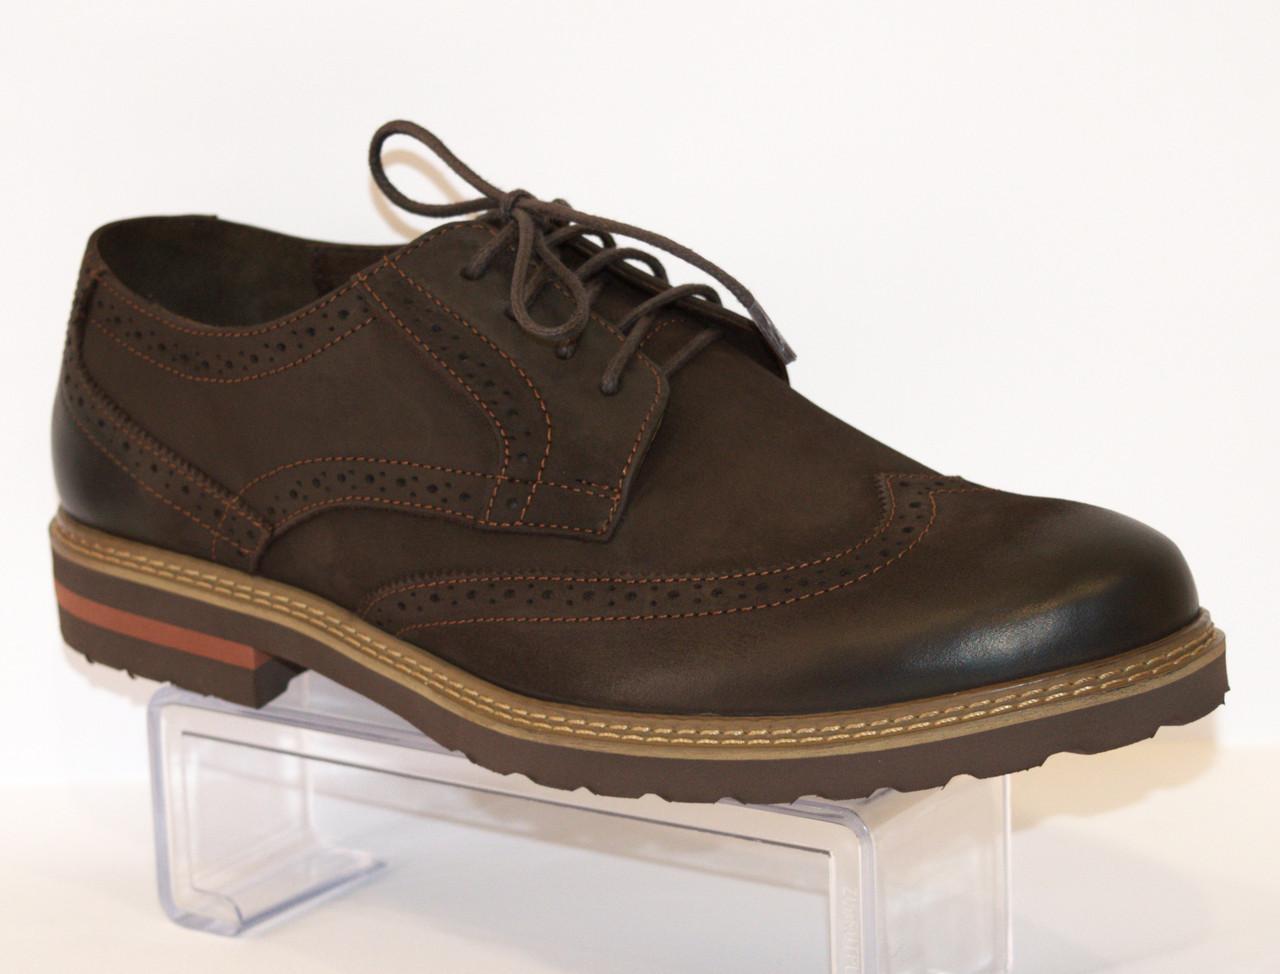 94d4d513b Туфли мужские коричневые Faber 113311 - КРЕЩАТИК - интернет магазин обуви в  Александрии